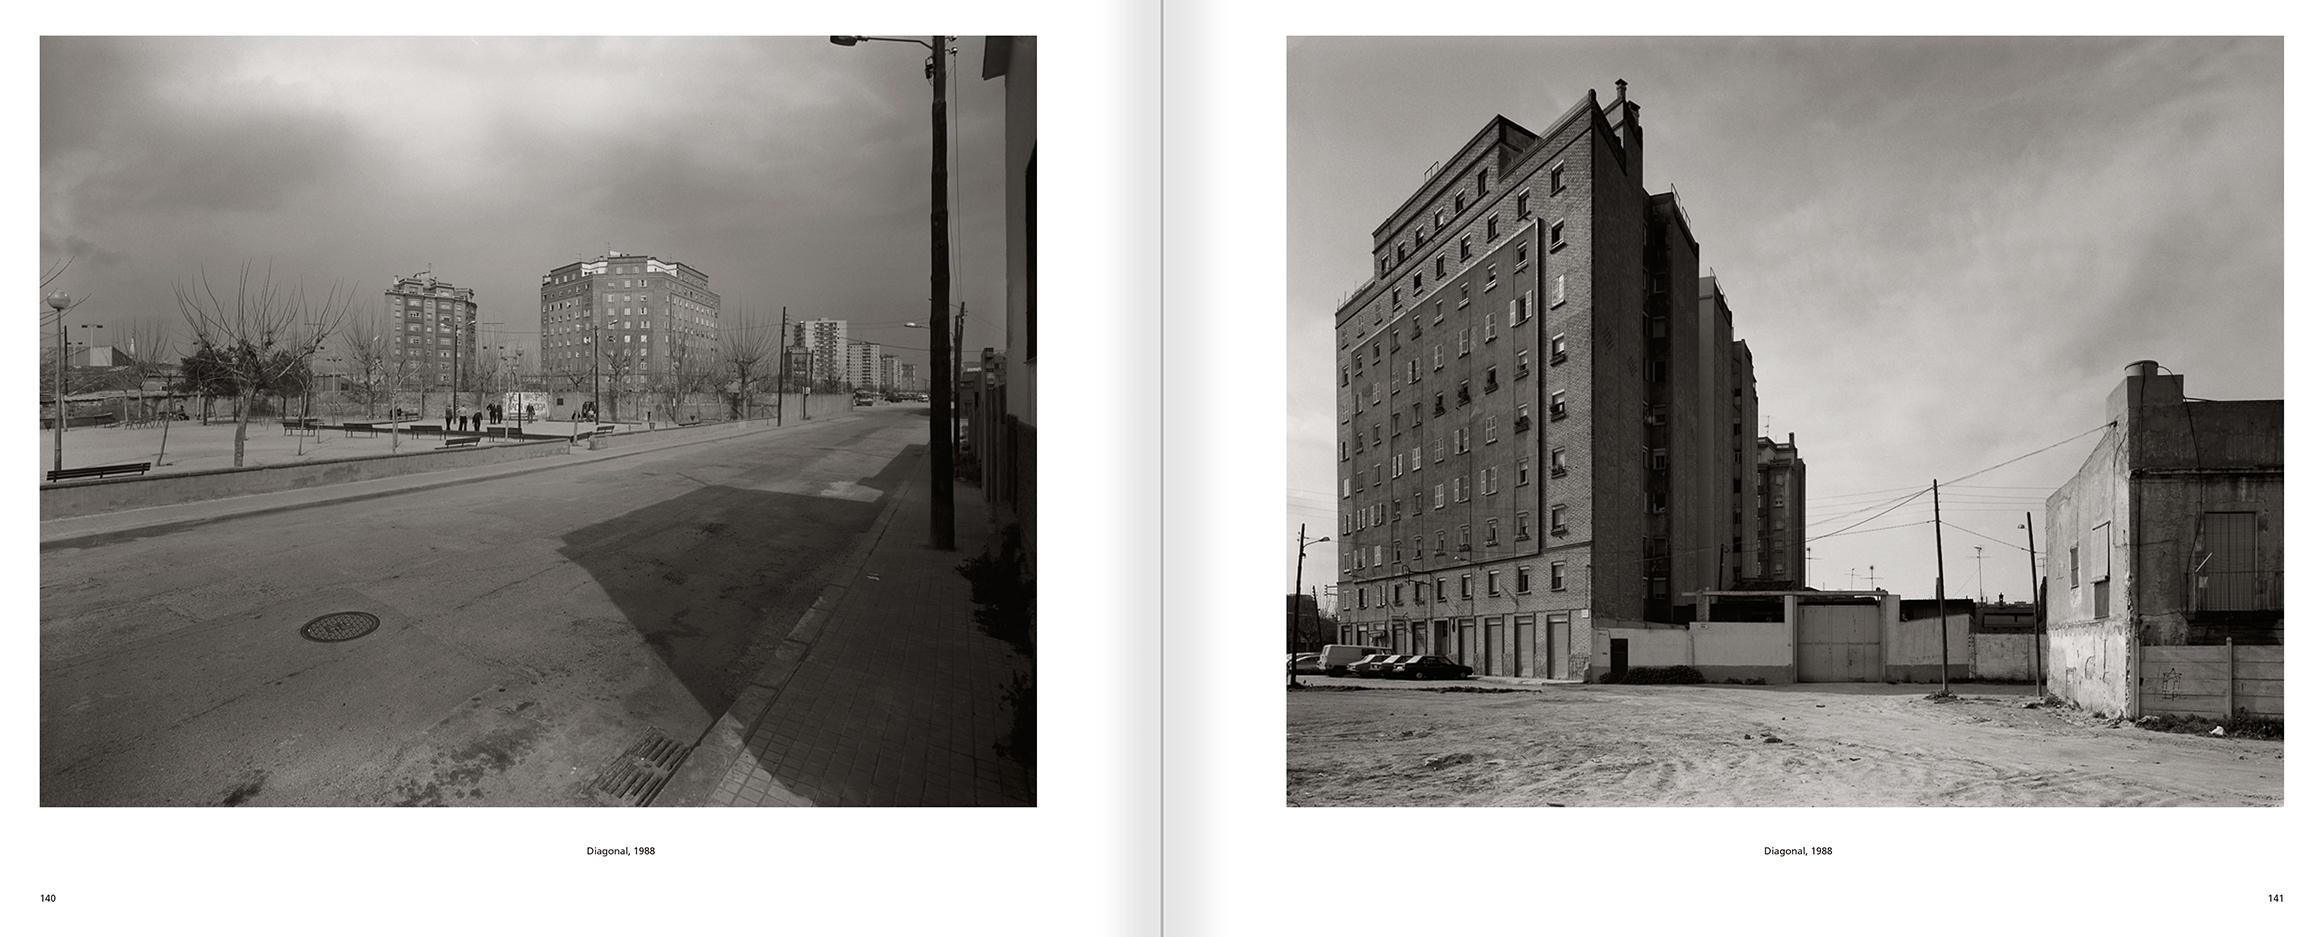 """Selecció del catàleg """"Barcelona 1978-1997. Manolo Laguillo"""" pàgines 140 i 141"""